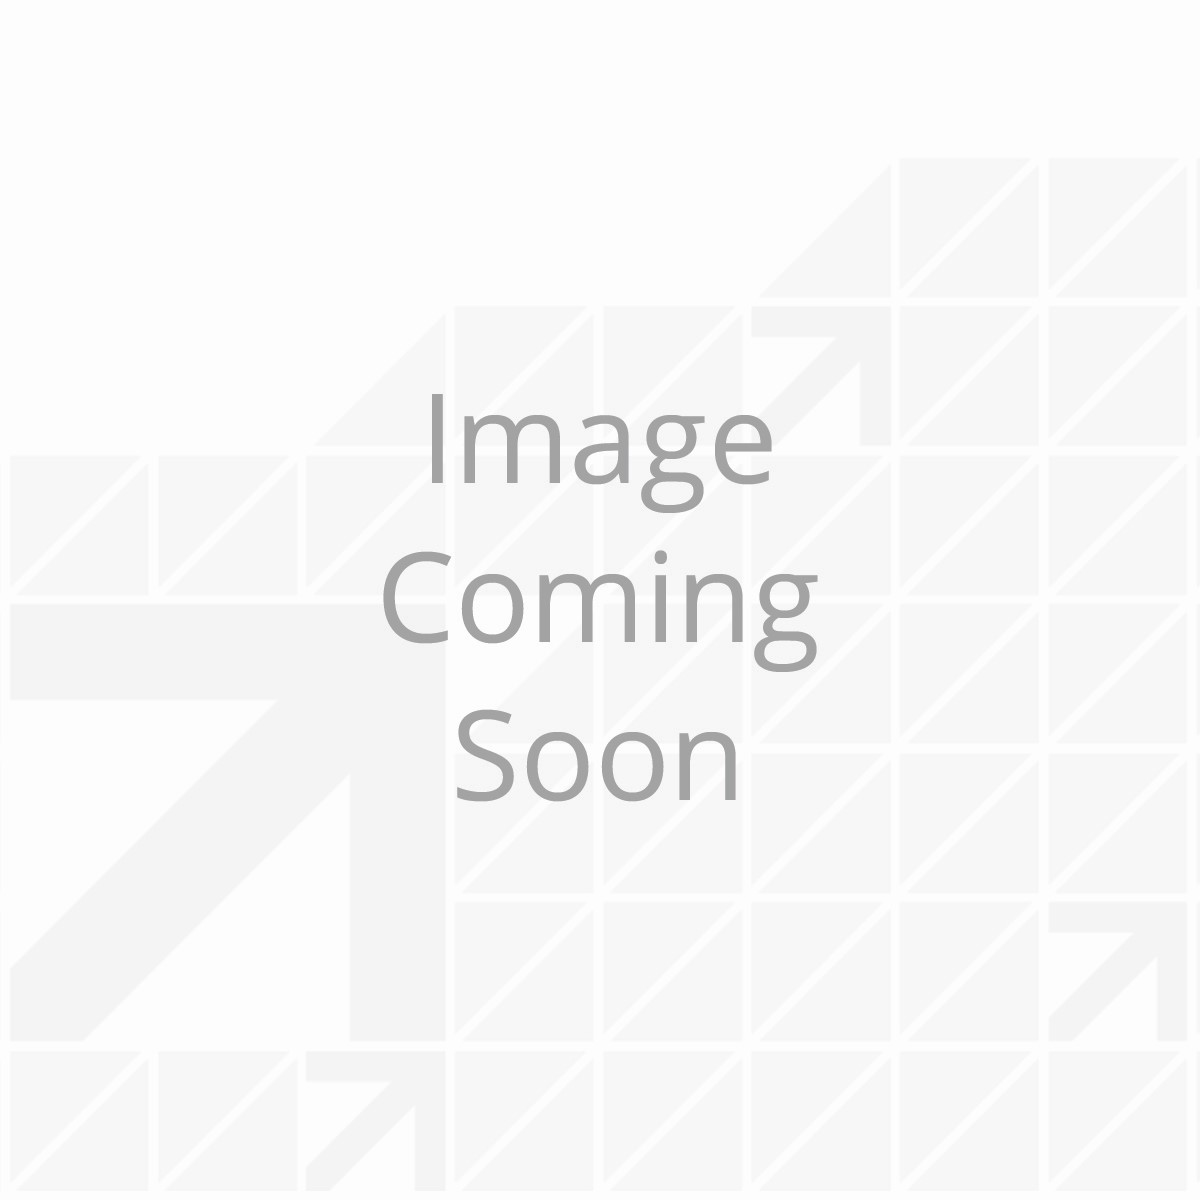 122103_Flange-Nut_001